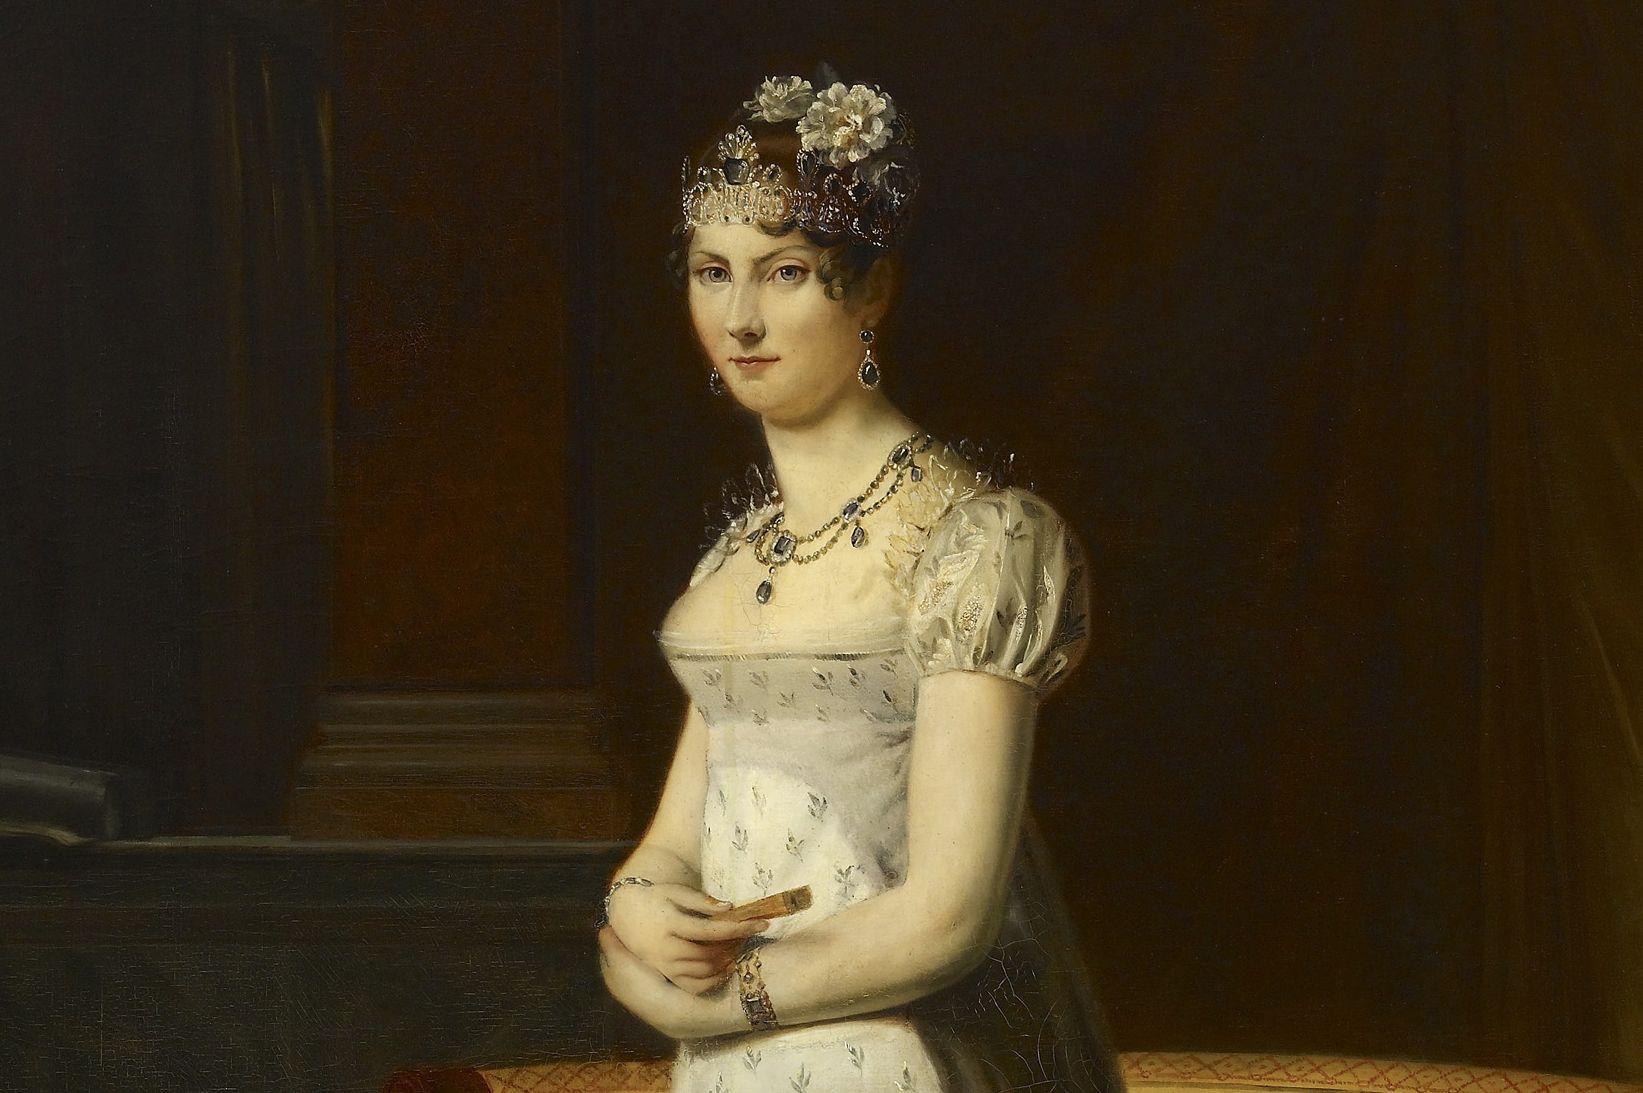 Bildnis Großherzogin Stephanie von Baden aus dem Barockschloss Mannheim